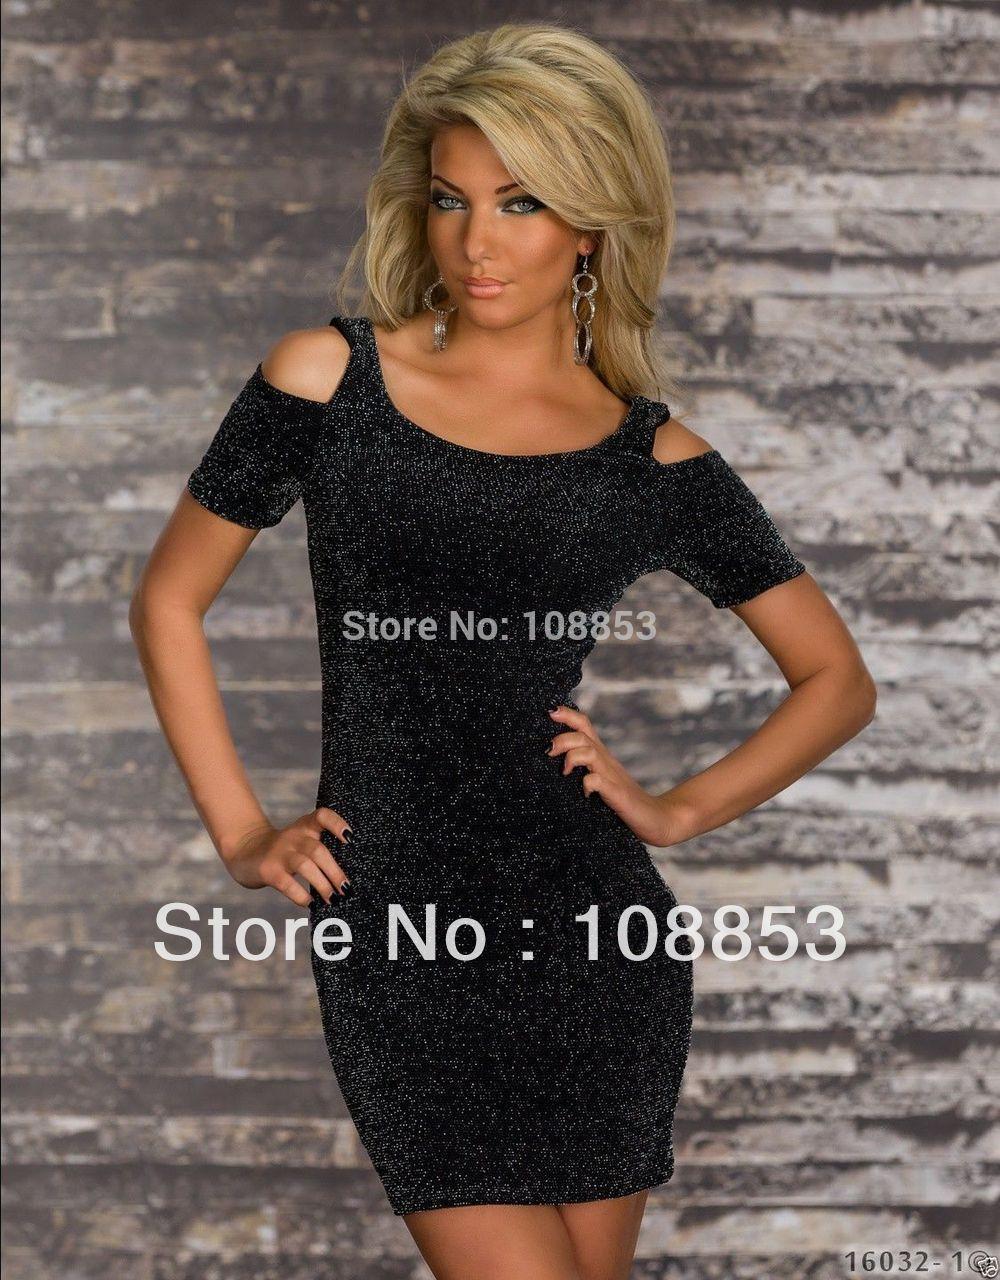 Женское платье Brand New Bodycon Vestido 0460 CMC-0460 женское платье new o vestido bodycon s 5xl 8813